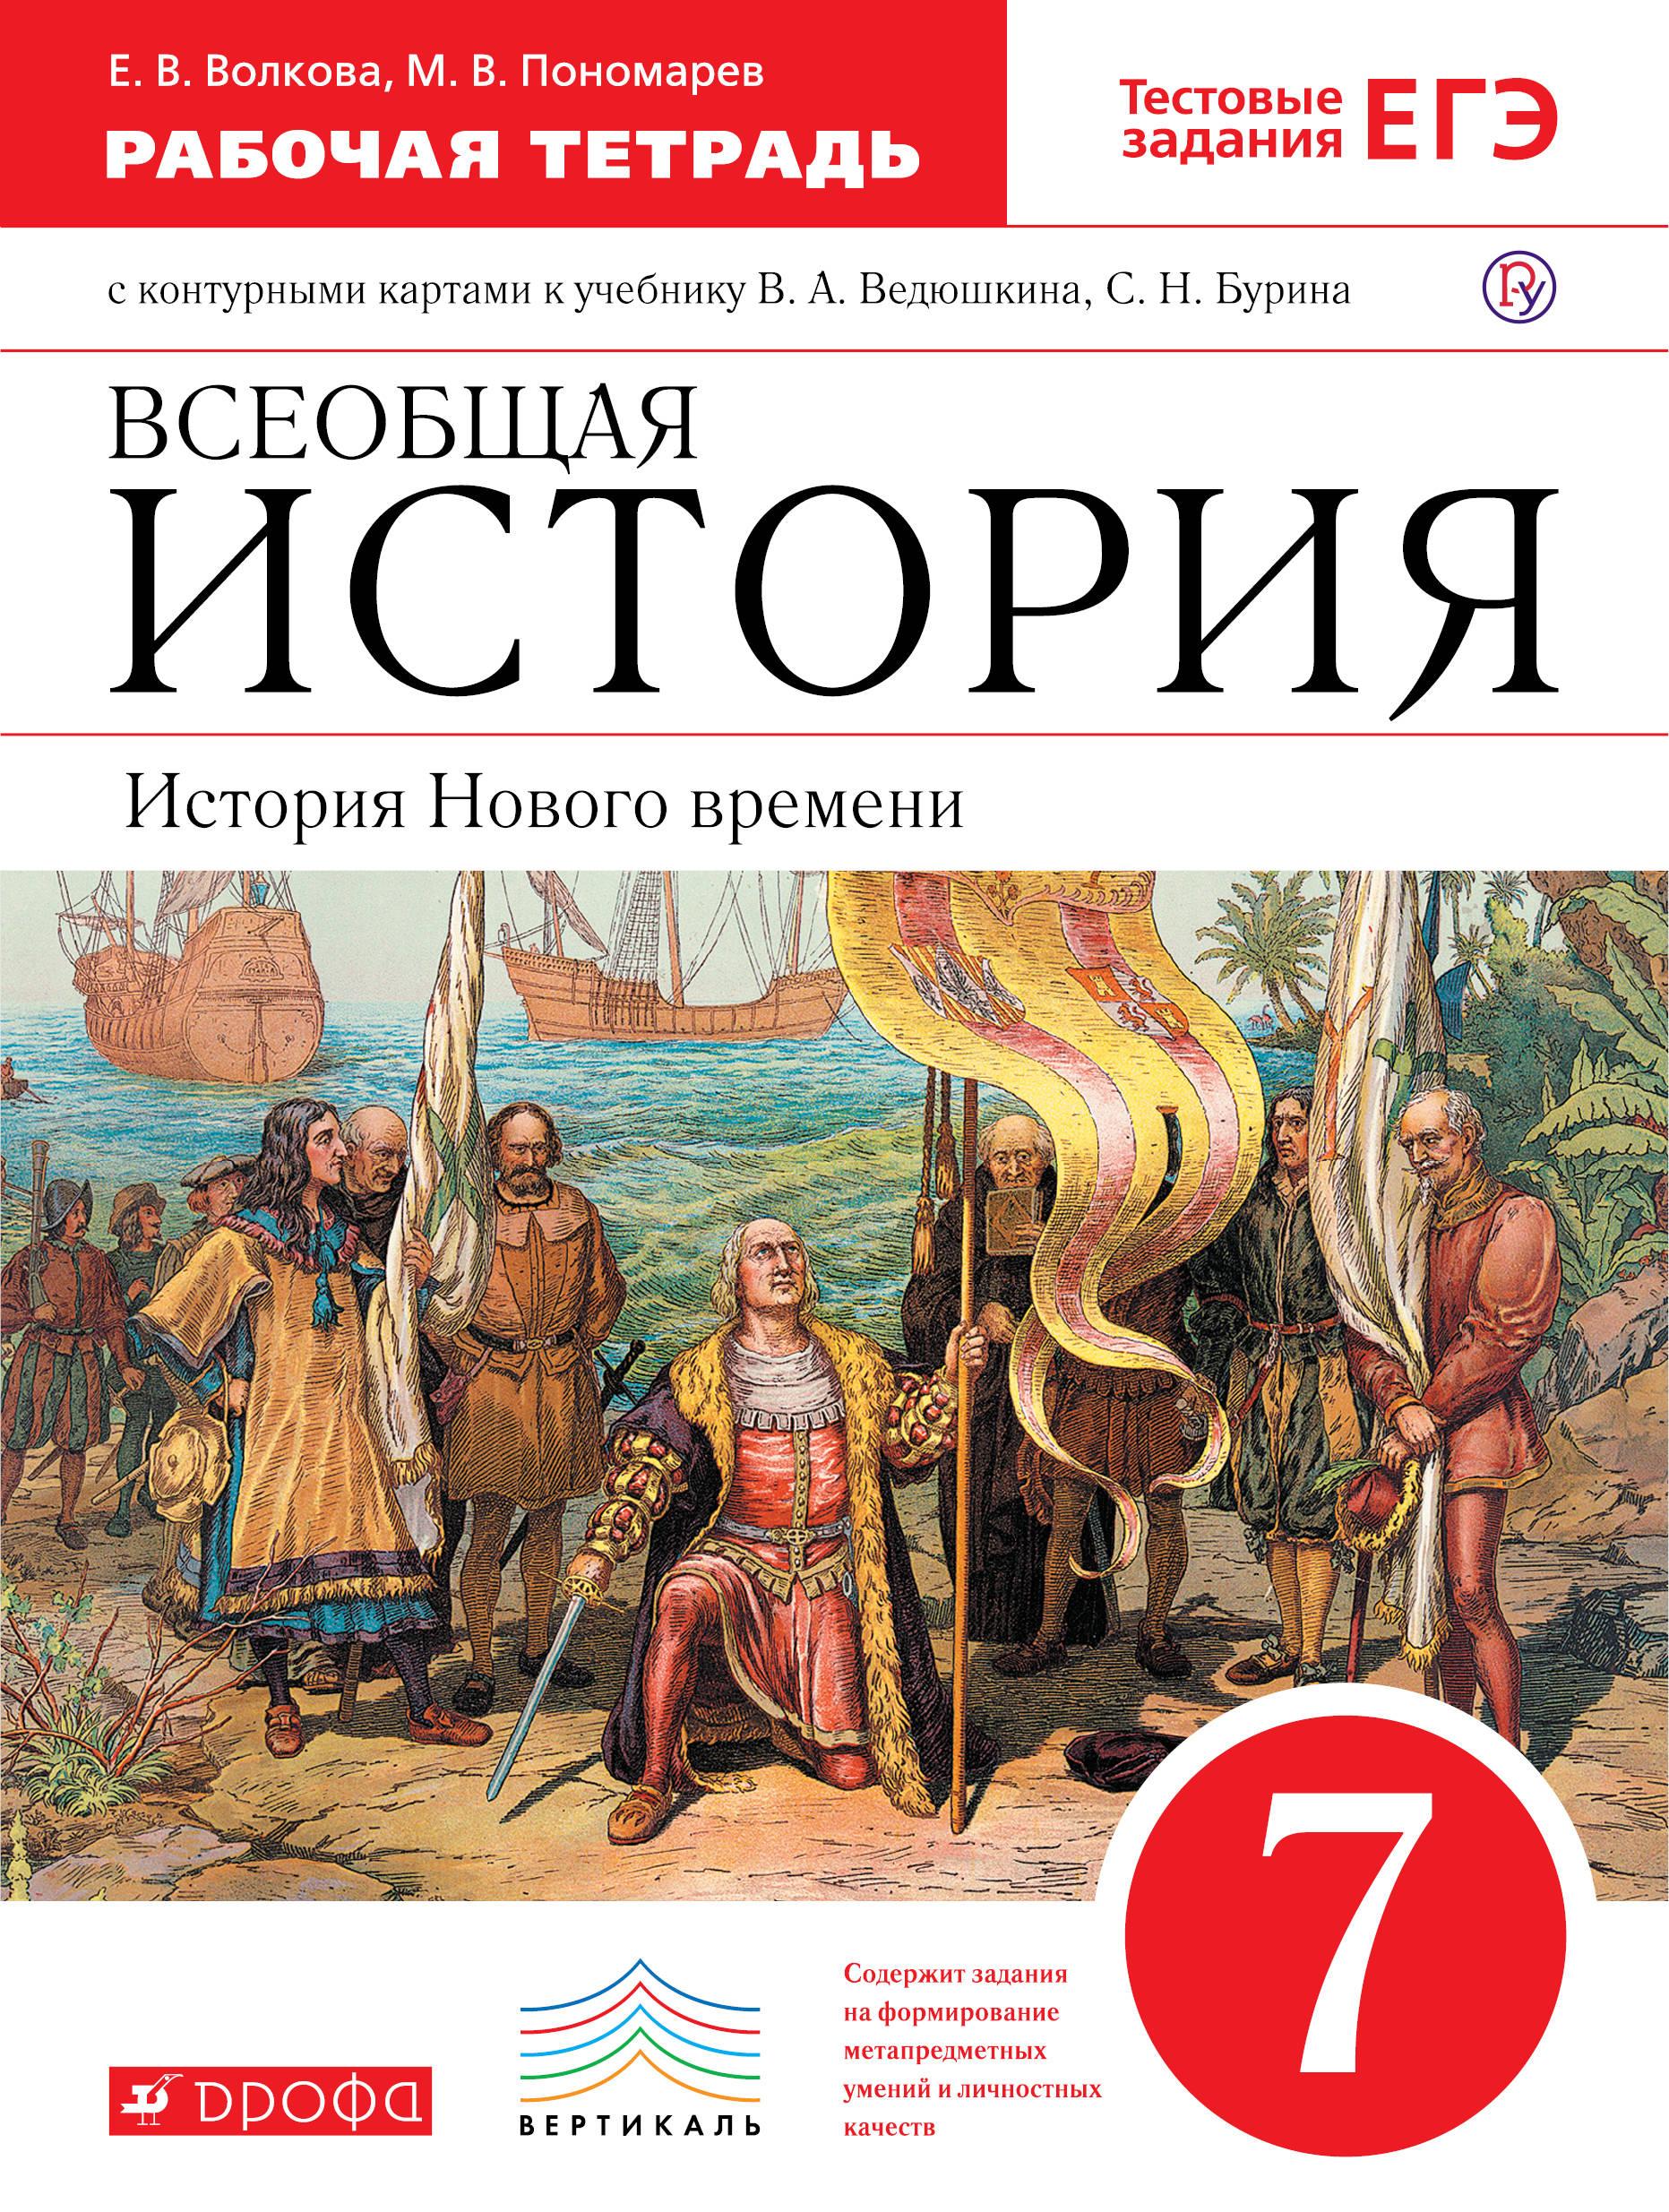 История Нового времени.7кл.Раб.тетр. с к/к.(Волкова,Пономарев) ФГОС ВЕРТИКАЛЬ